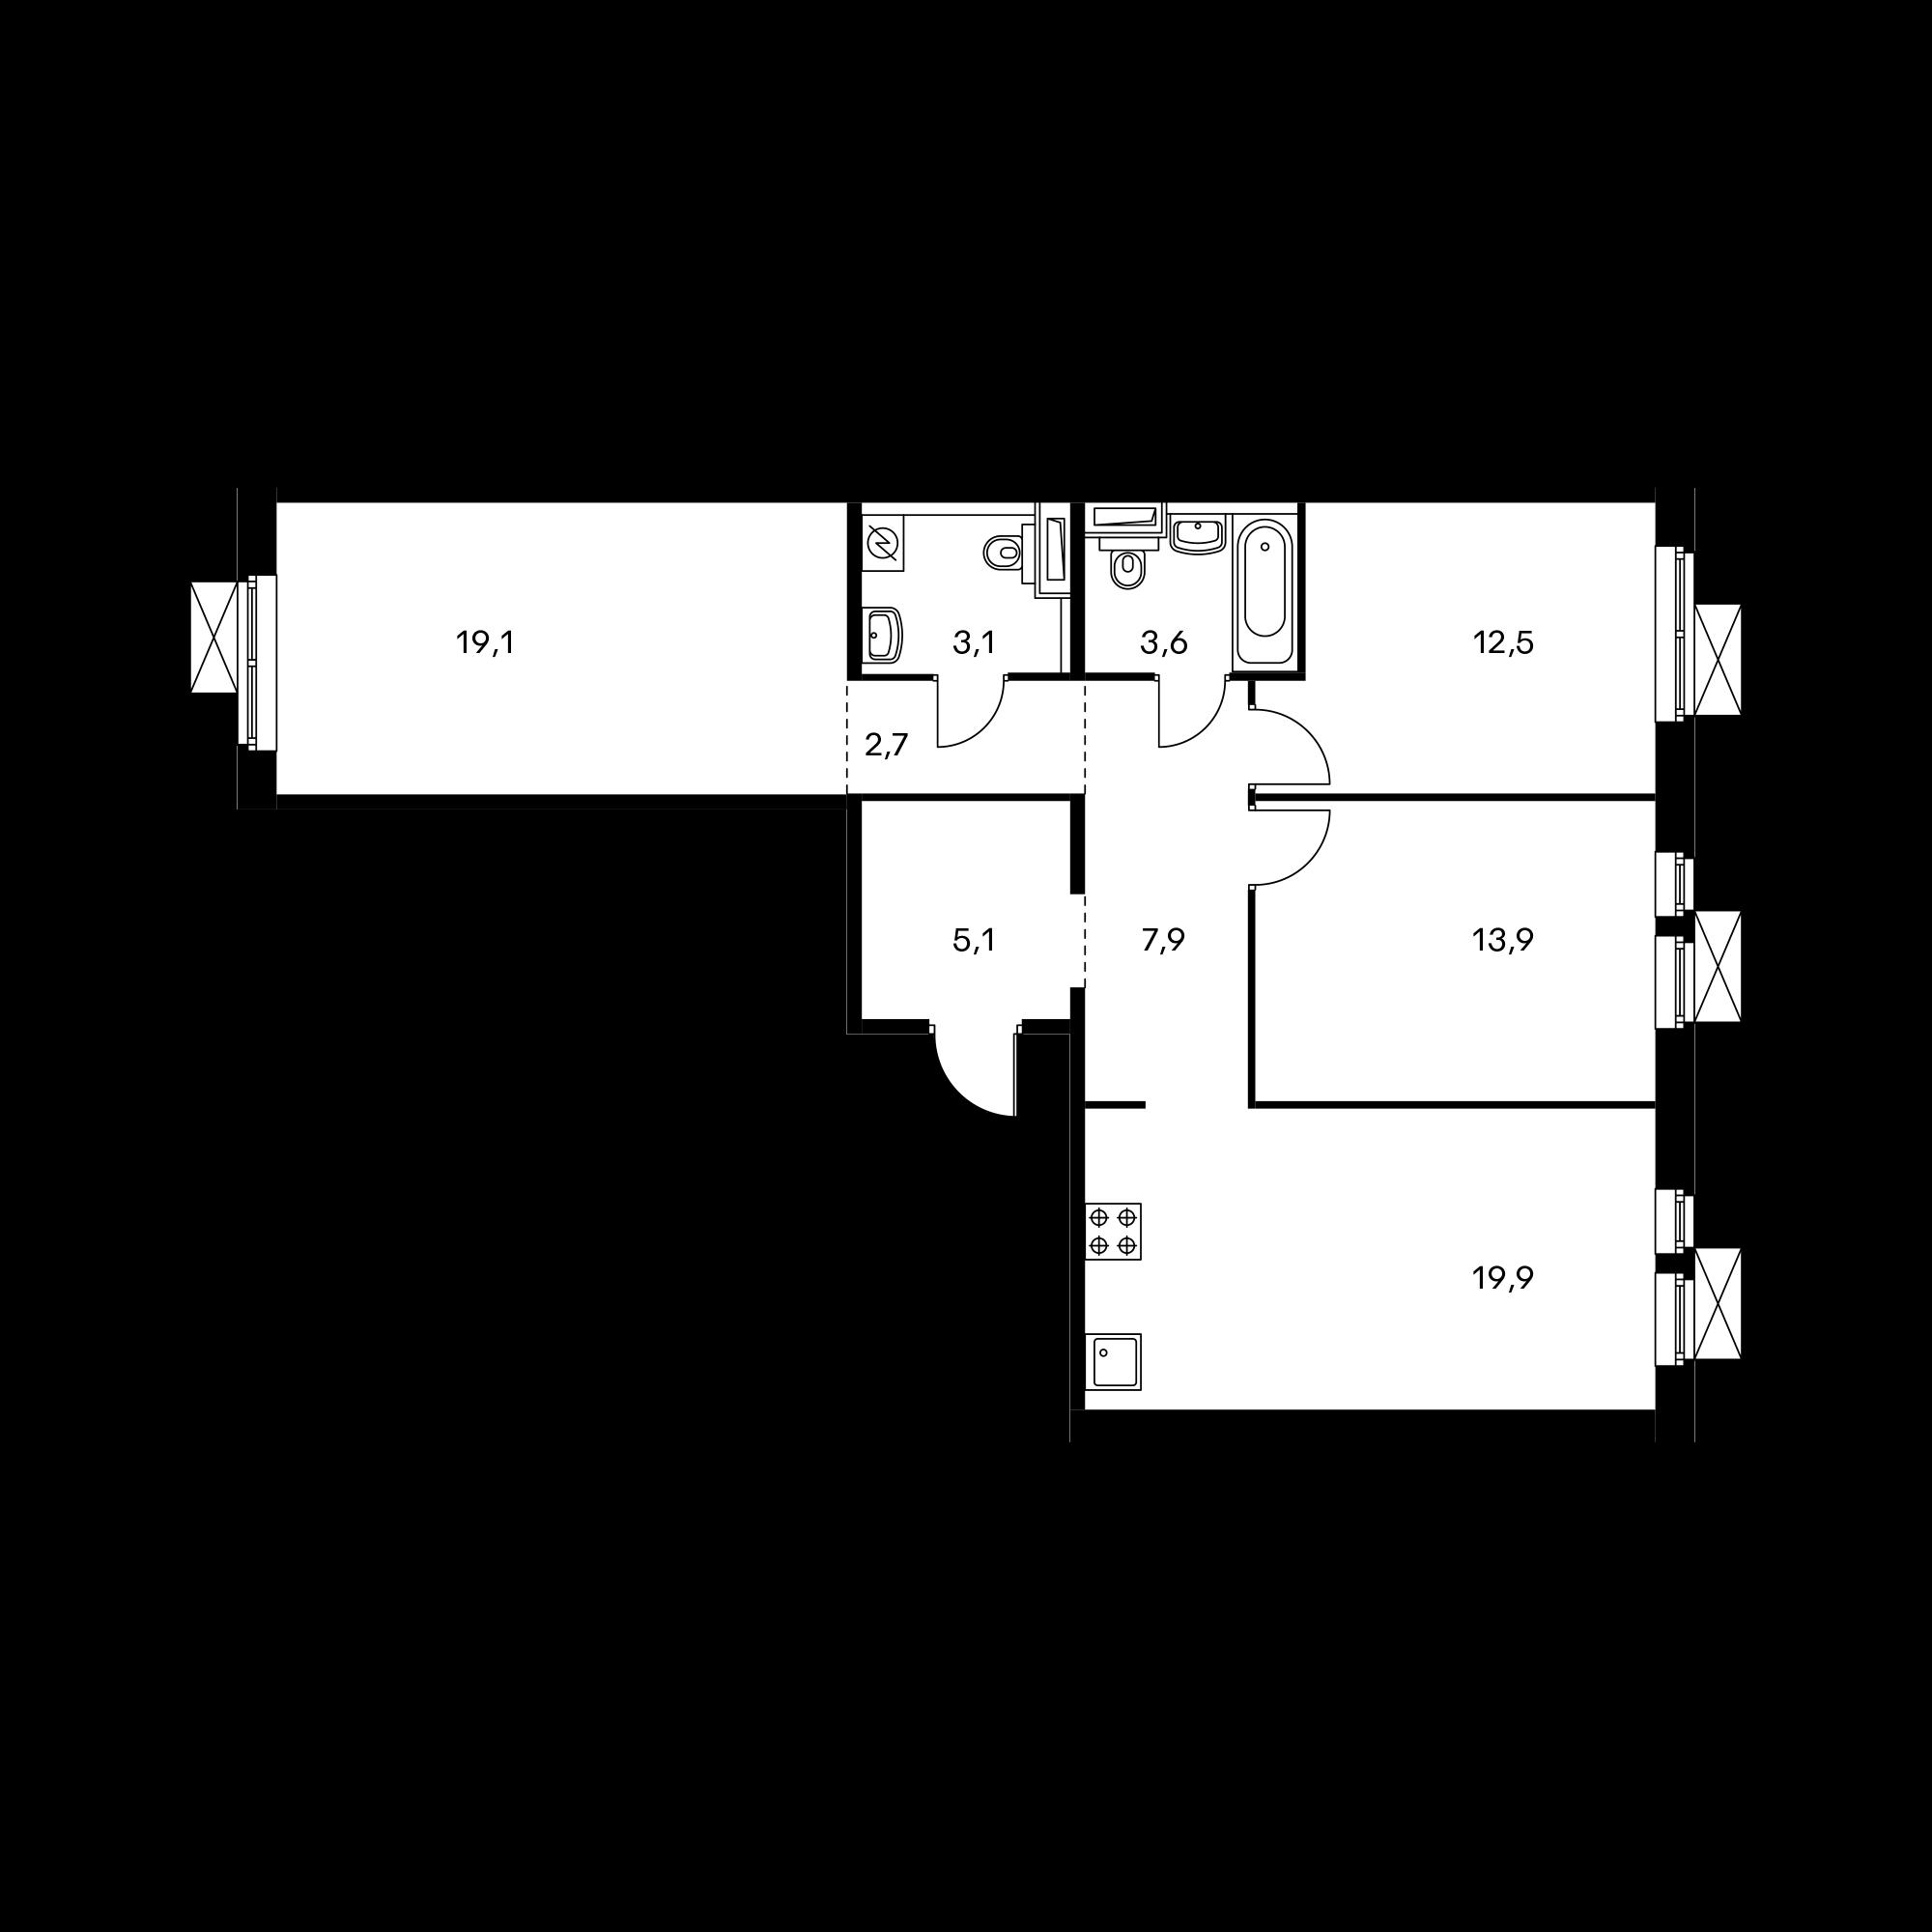 3EL3_9.9-2_S_A